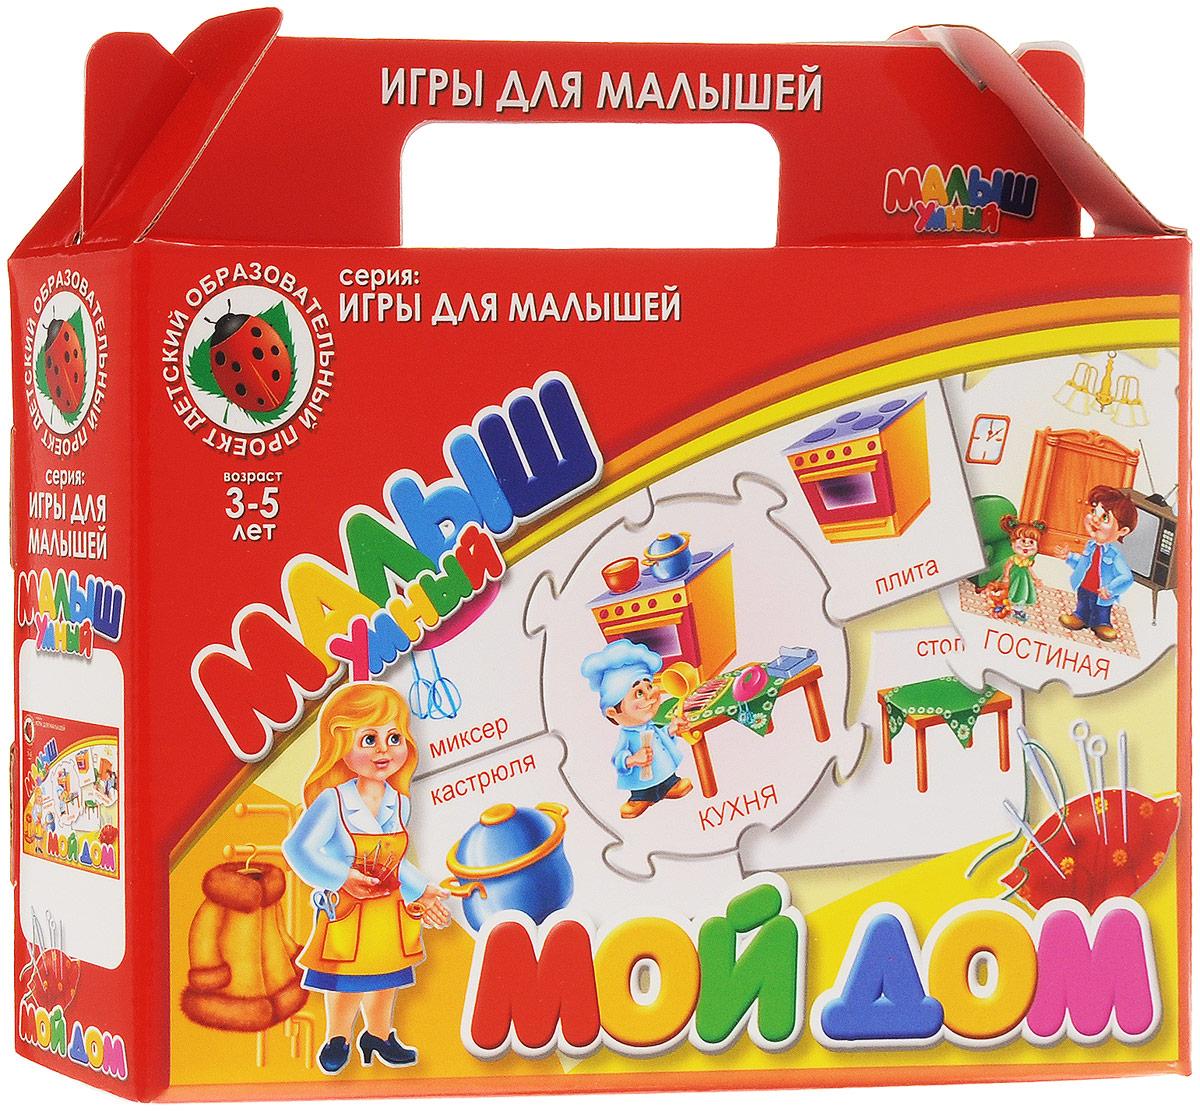 Оригами Обучающая игра Мой дом1281Перед вами обучающая игра-пазл Оригами Мой дом. В этой игре малышу предстоит отправиться на экскурсию по обыкновенной квартире и вспомнить, как выглядят разные комнаты. В каждой из комнат находятся определенные предметы, ребенку нужно разобраться в том, в каком помещении должна находиться каждая вещь. В игре два вида пазлов - серединки и уголки. Из четырех пазлов-уголков и одного пазла-серединки складывается картинка. Получается либо кухня, либо ванная, либо детская, либо гостиная. Собрать картинку правильно сможет тот, кто быстро и точно определит, к какому помещению относится тот или иной предмет, изображенный на пазле-уголке.